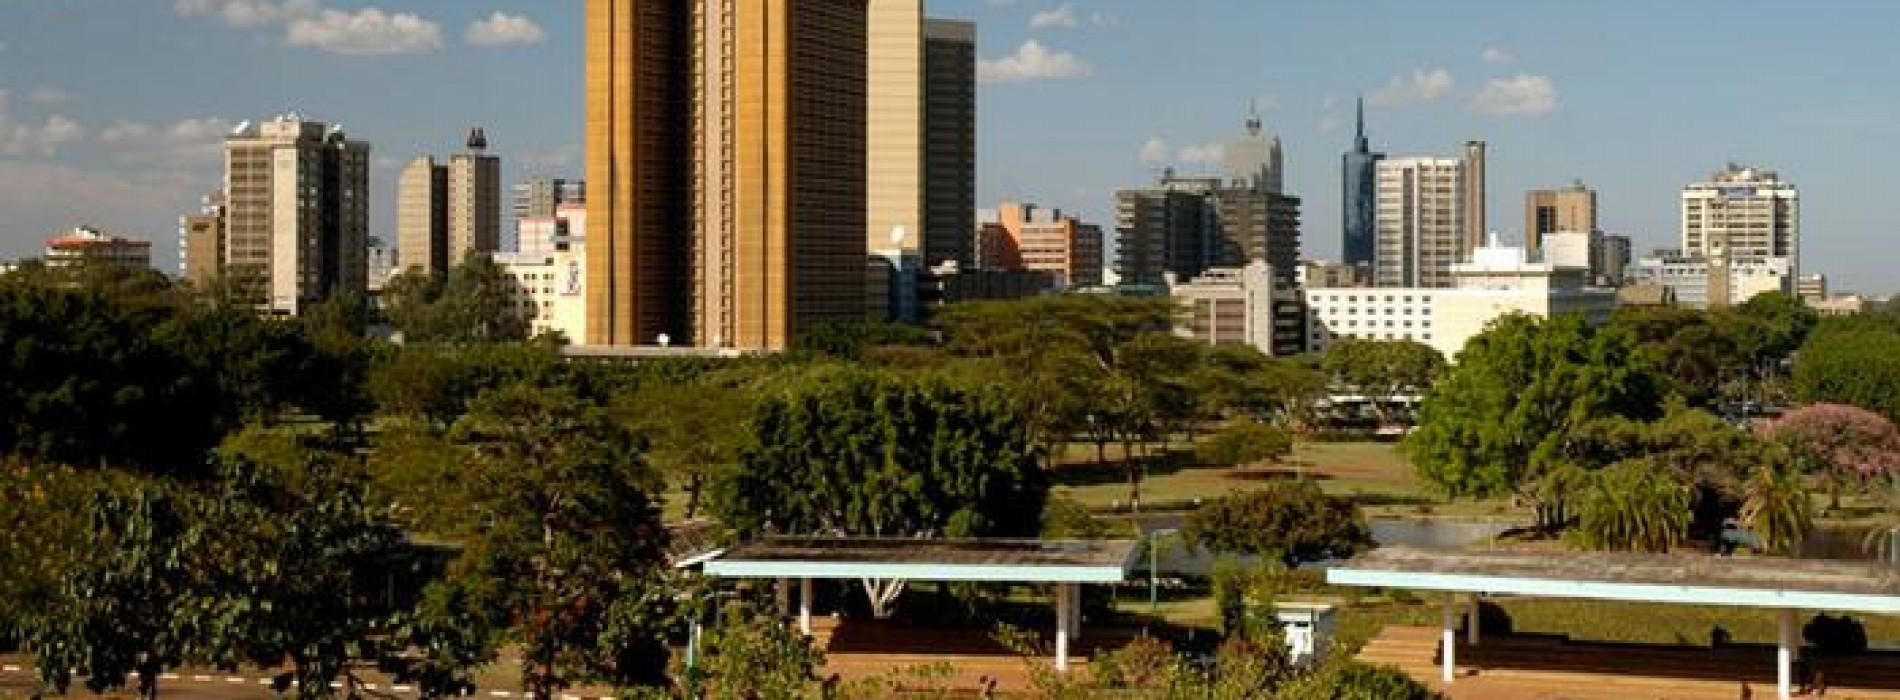 Stimolare l'industrializzazione dell'Africa